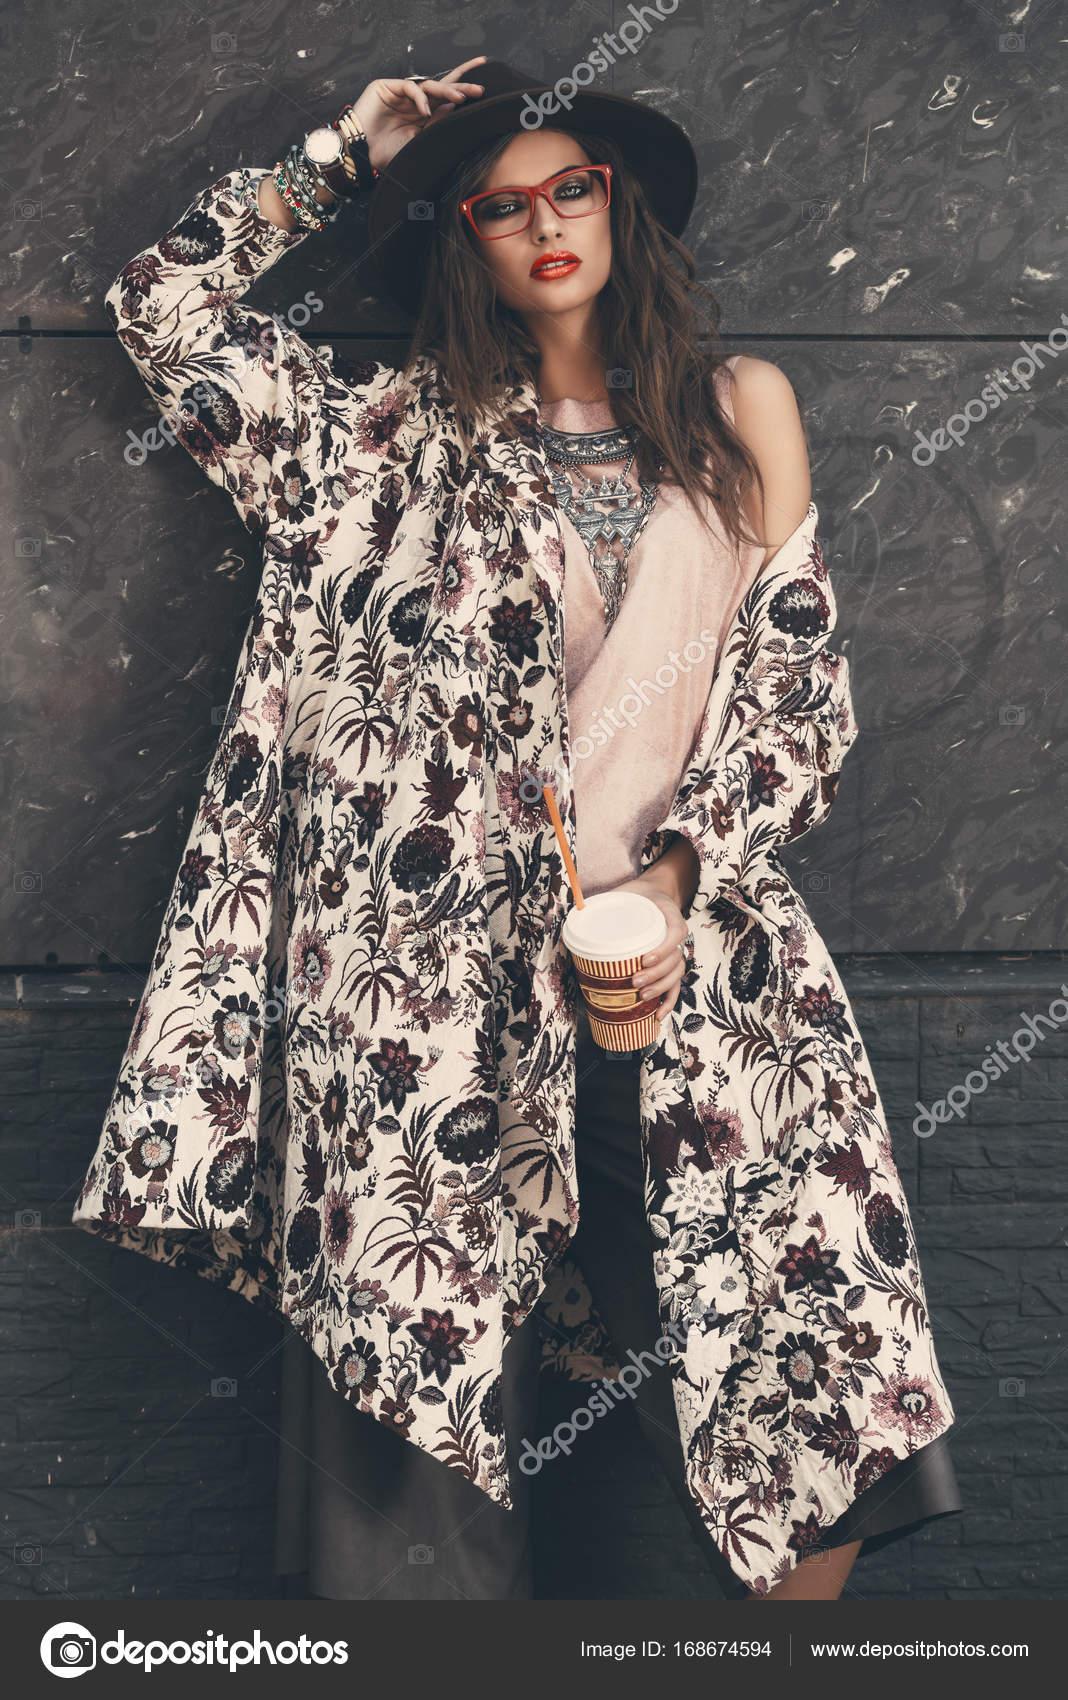 Kleidung Im Boho Stil Stockfoto C Prometeus 168674594